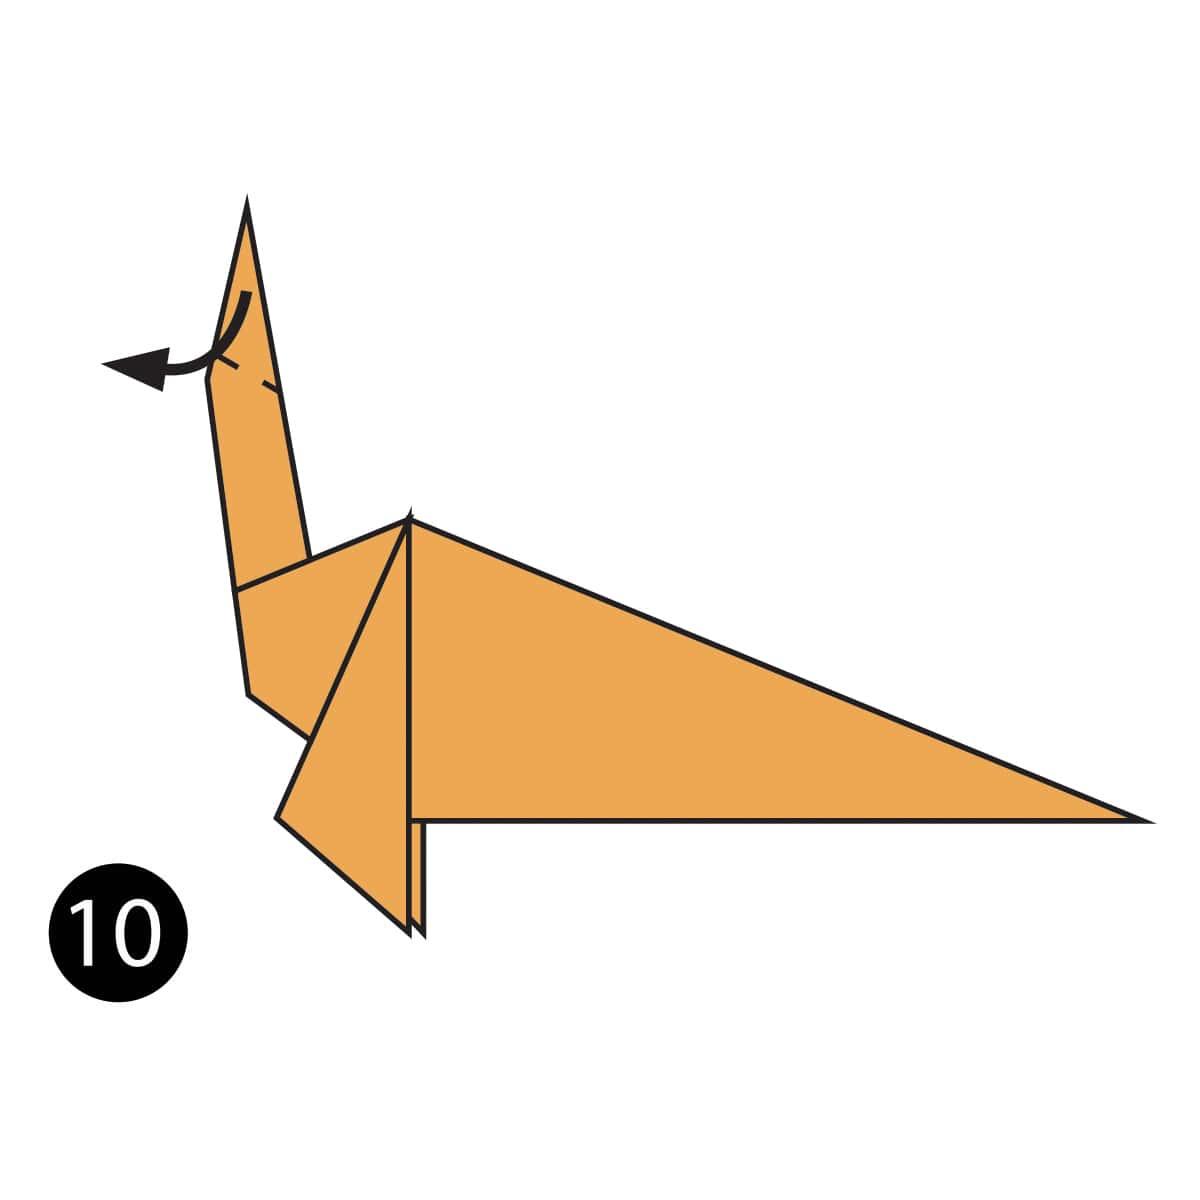 Plesiosaurus Step 10